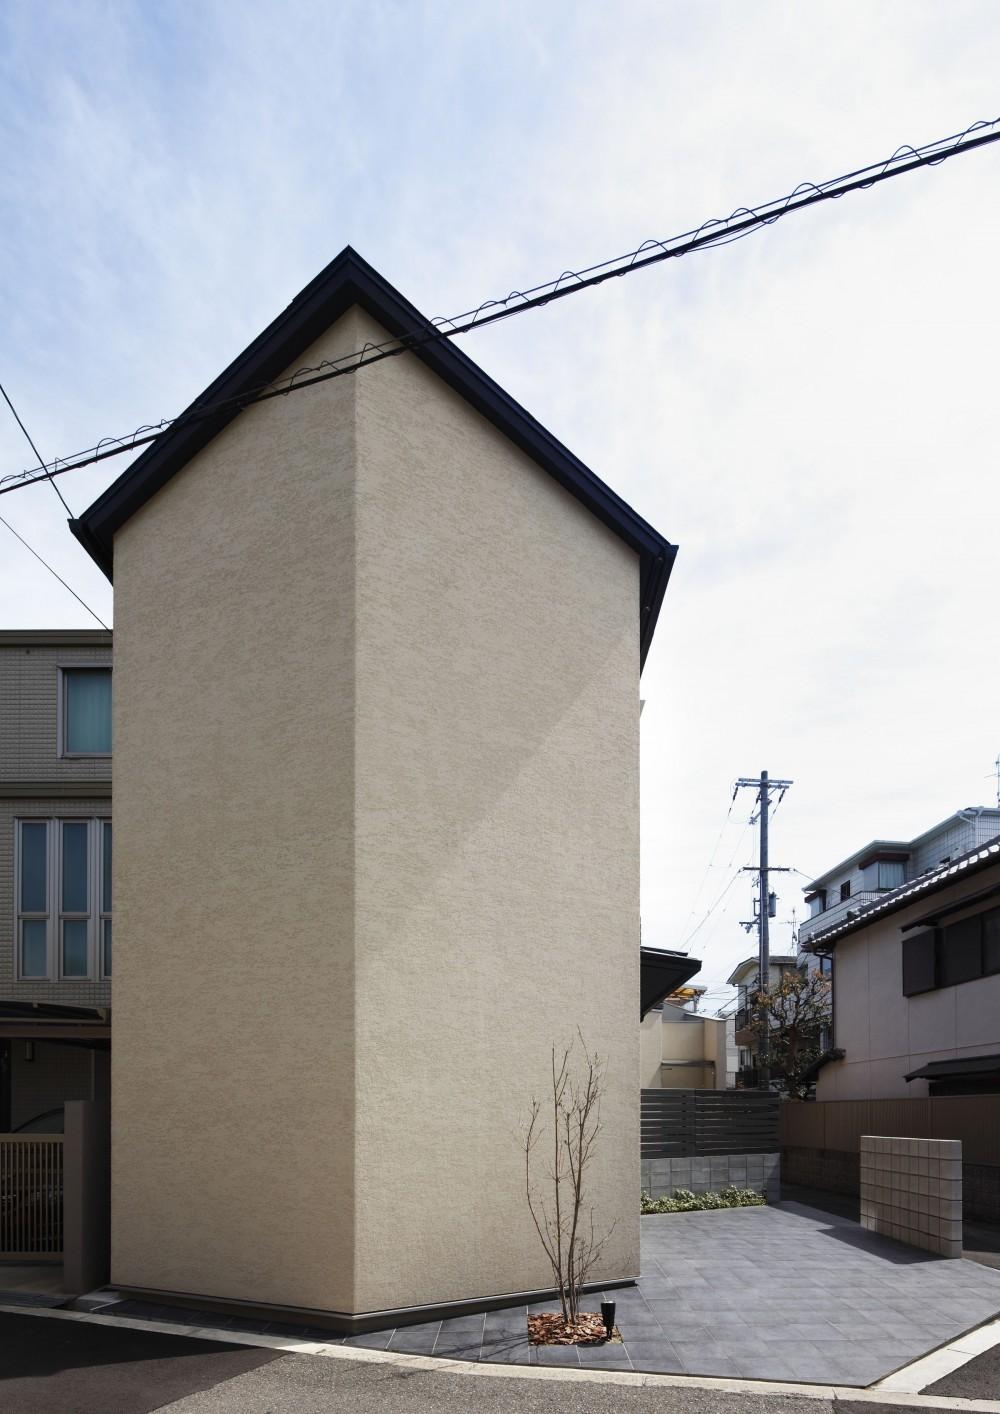 中庭のある無垢な珪藻土の家 – 共働き世帯の家事効率を練りに練ったプラン – (外観 西から)